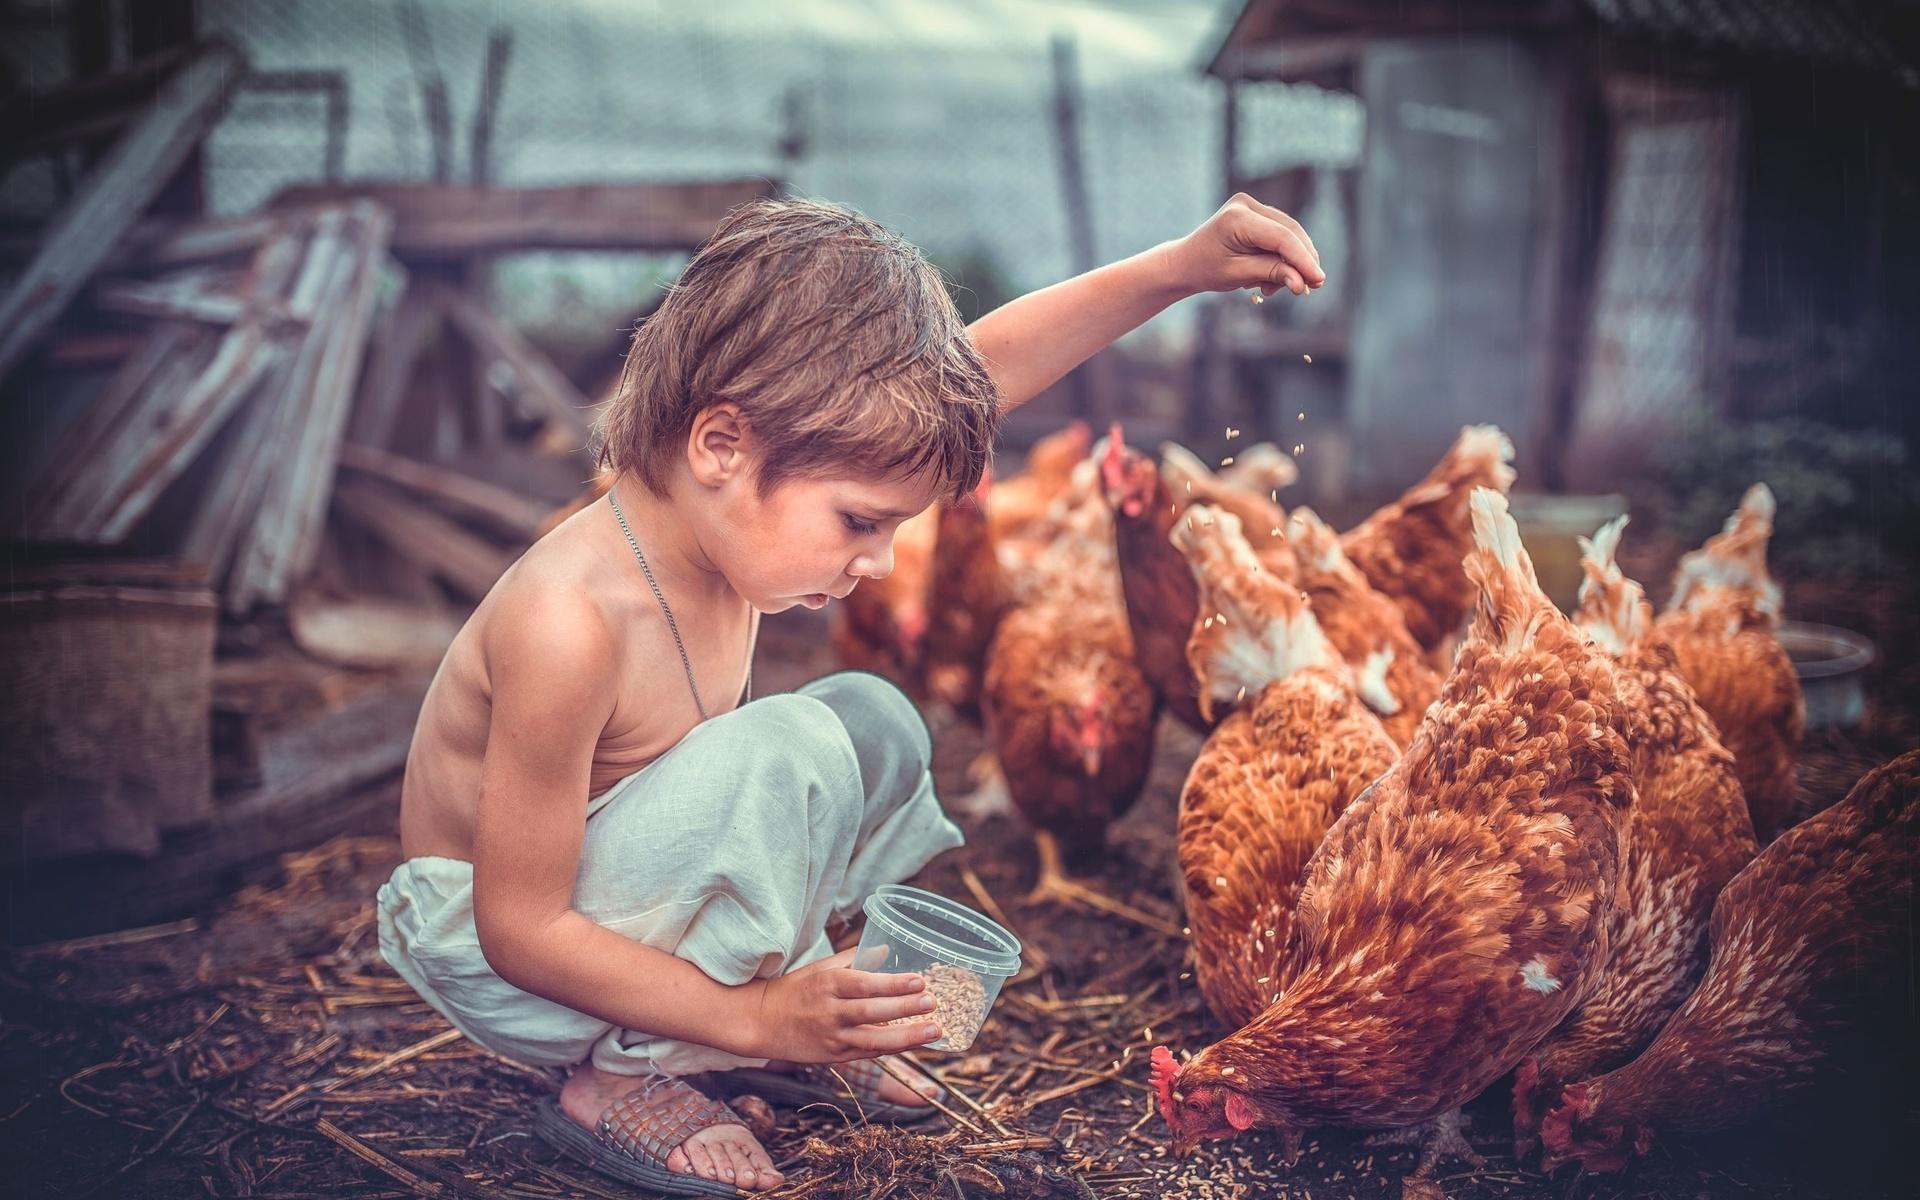 картинки человек кормит животных